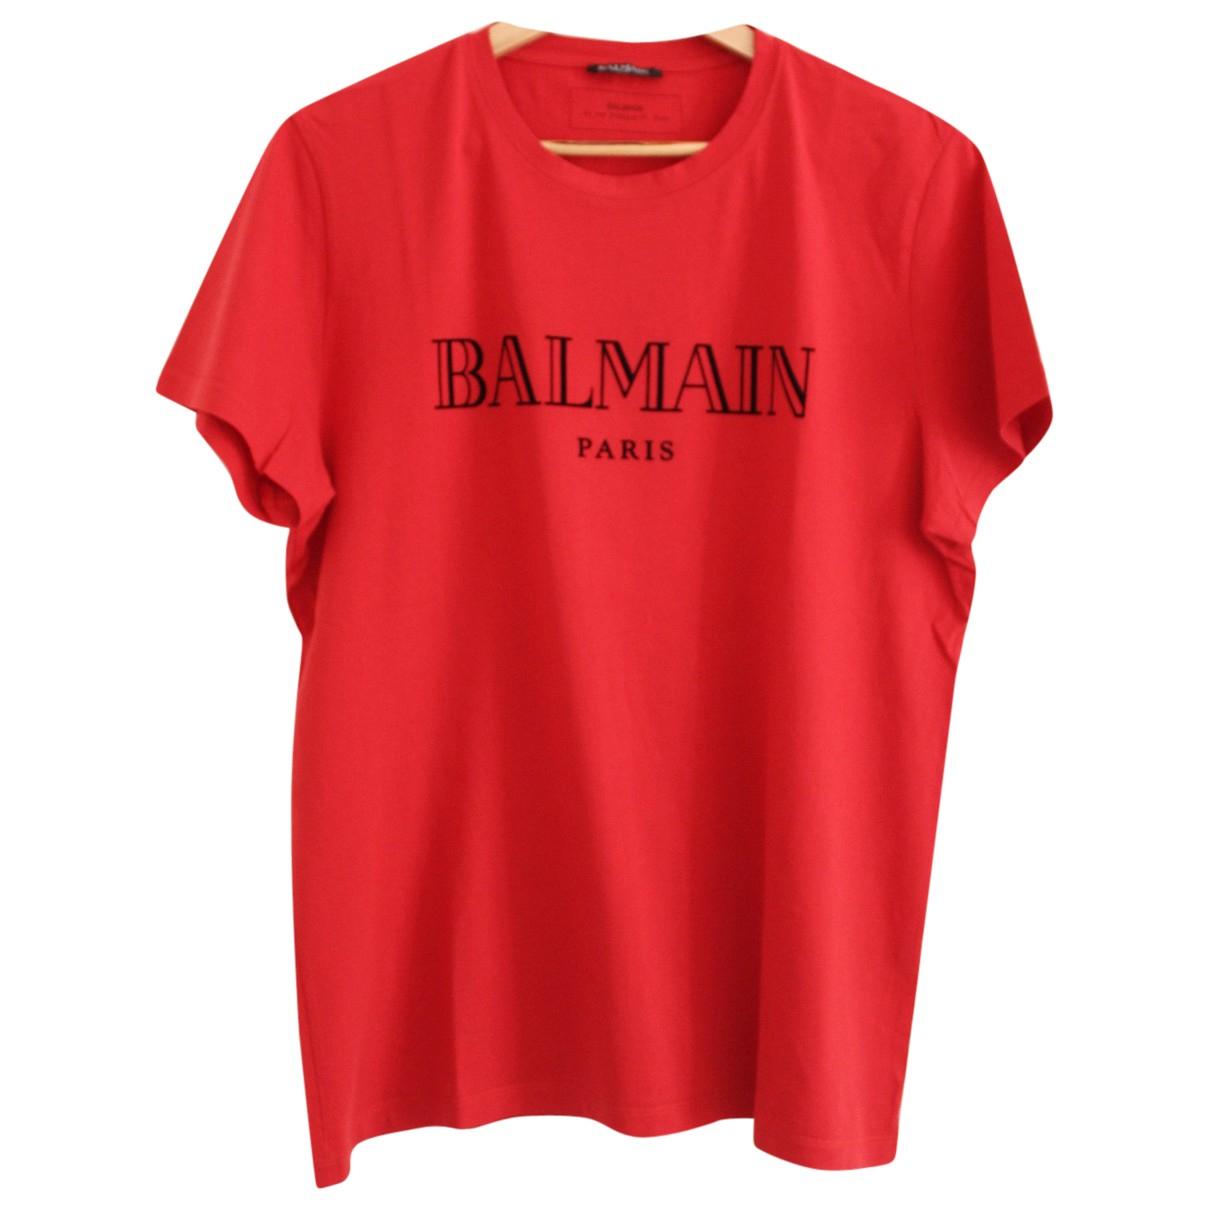 Balmain - Tee shirts   pour homme en coton - rouge